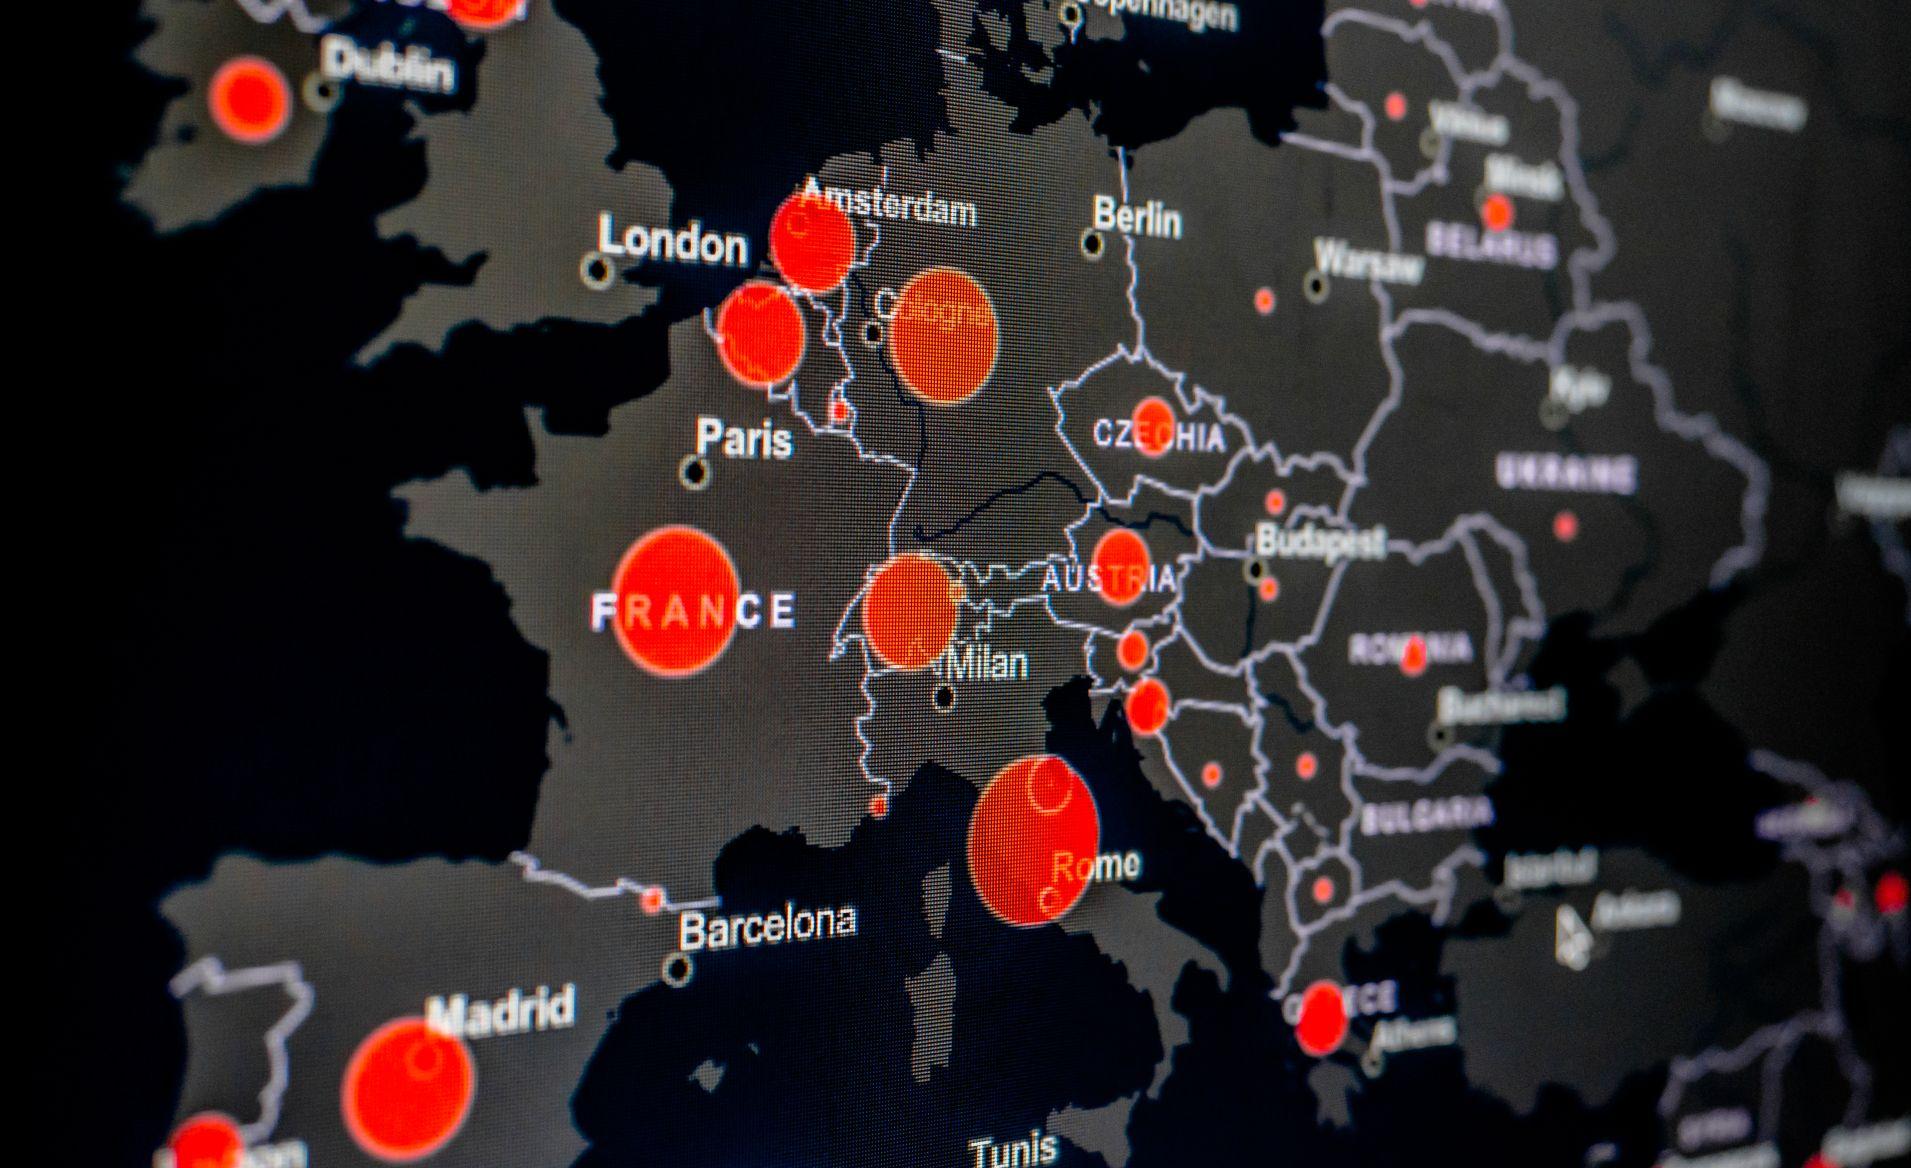 Polska Mapa Koronawirusa W Sieci Tak Covid 19 Rozprzestrzenia